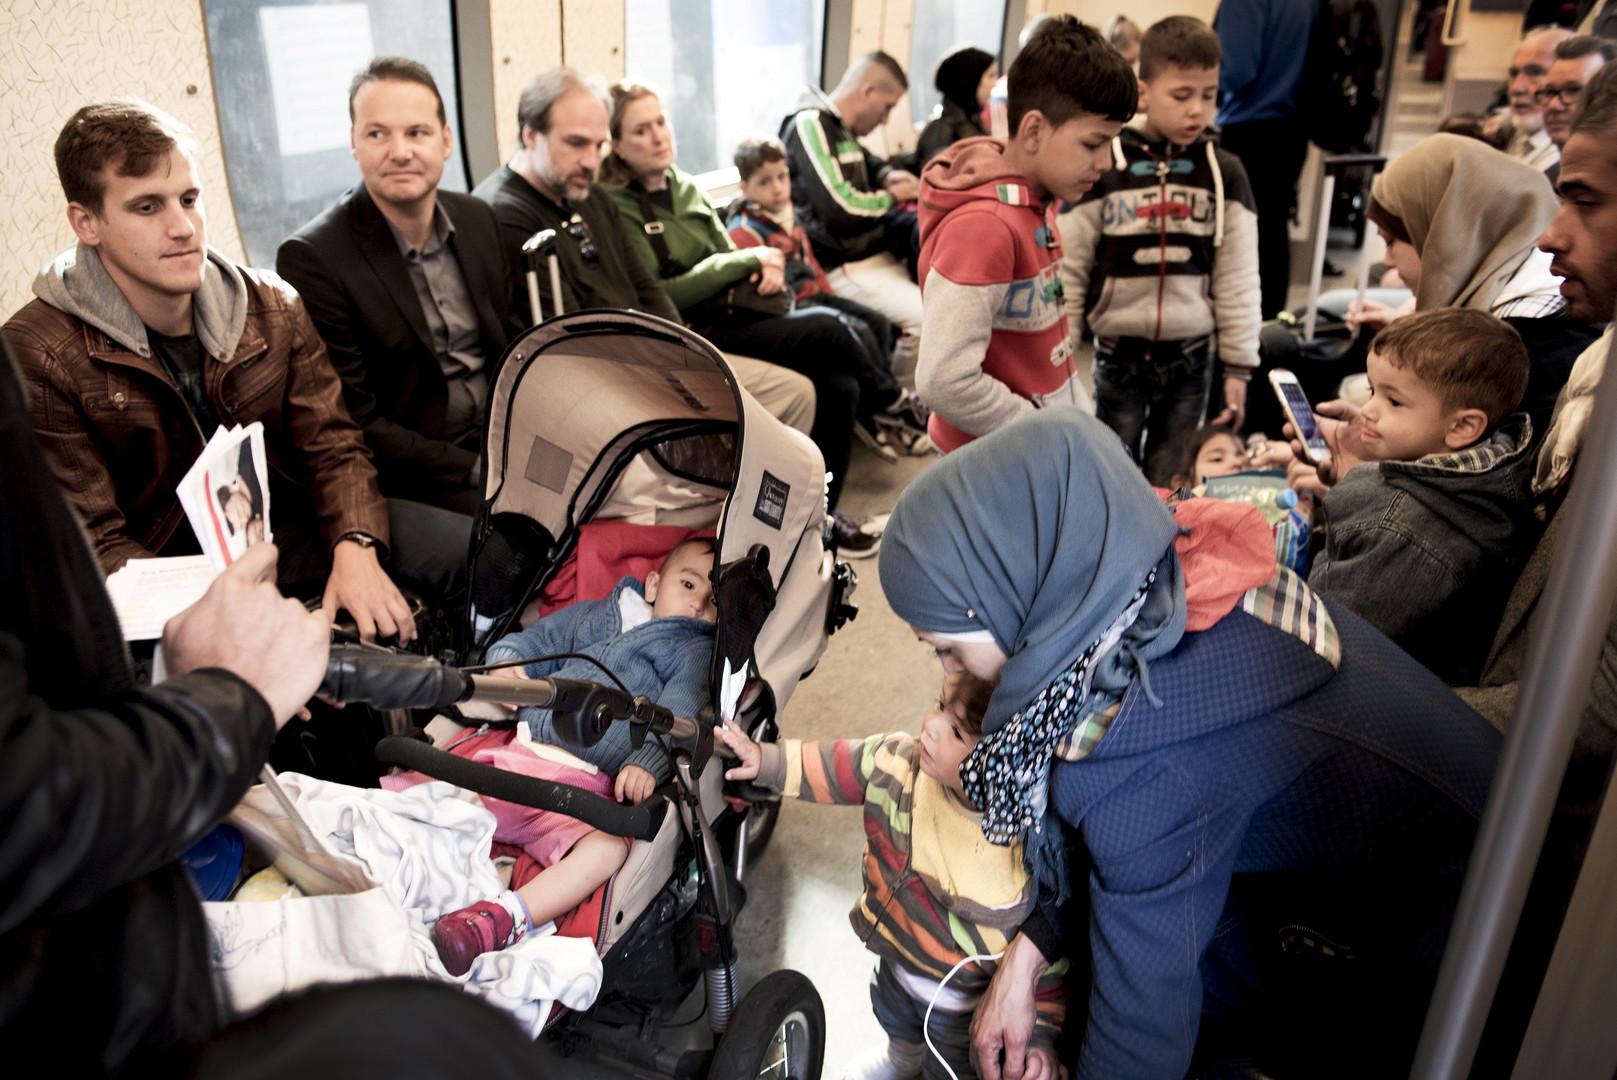 Dänisches Parlament beschließt umstrittene Reform für Asylsuchende: Konfiszierung ab 1.340 Euro